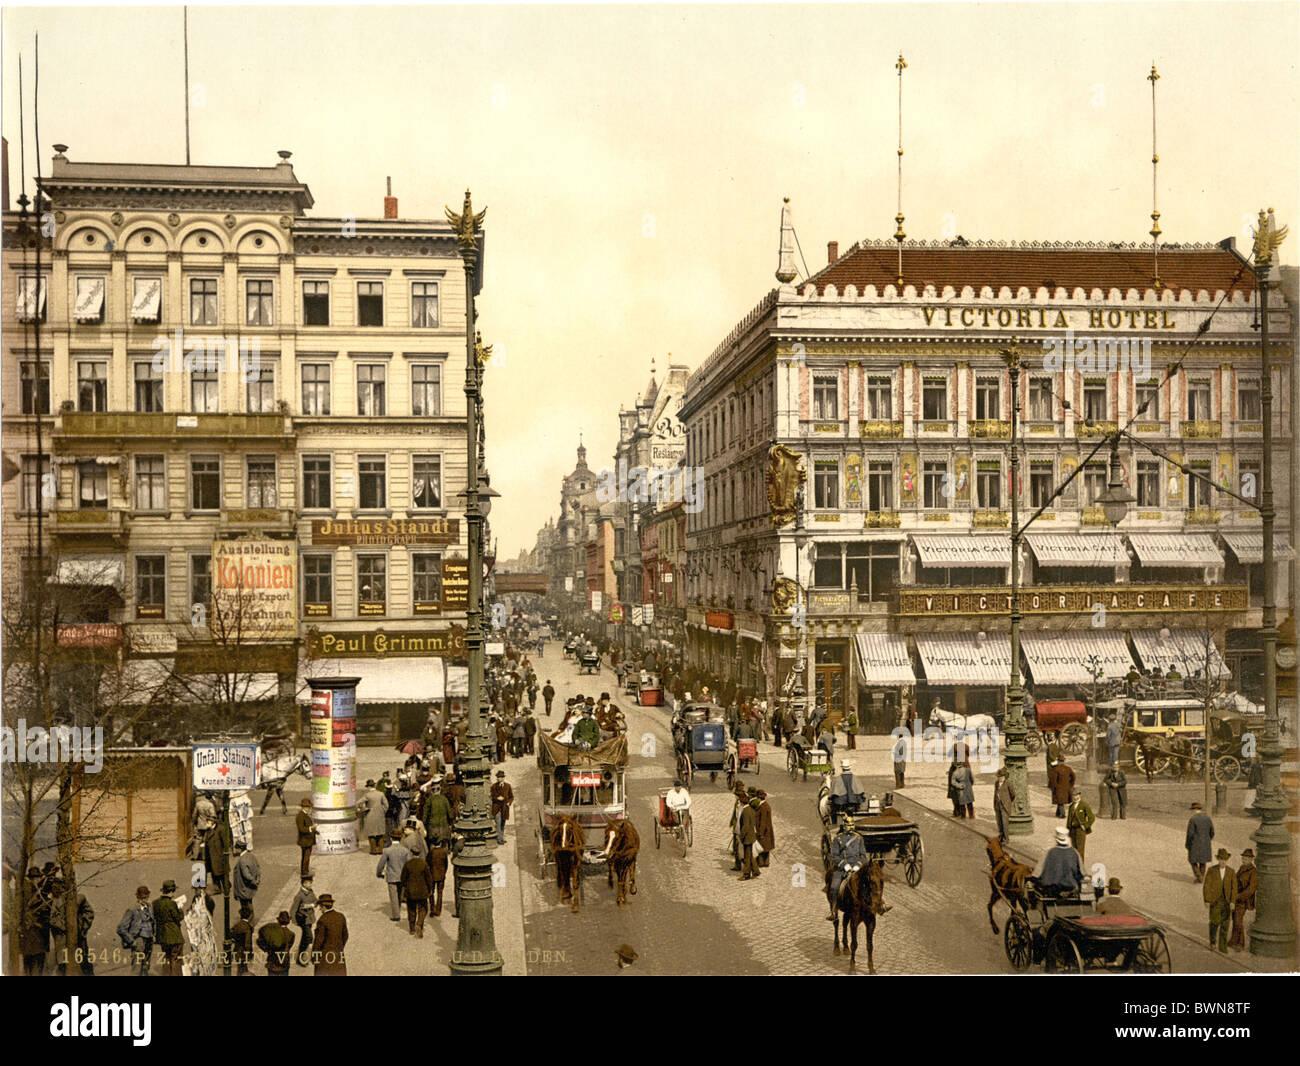 Victoria Hotel Berlin Unter den Linden Alemania Europa Photochrom alrededor de 1900 Imperio Alemán historia Imagen De Stock